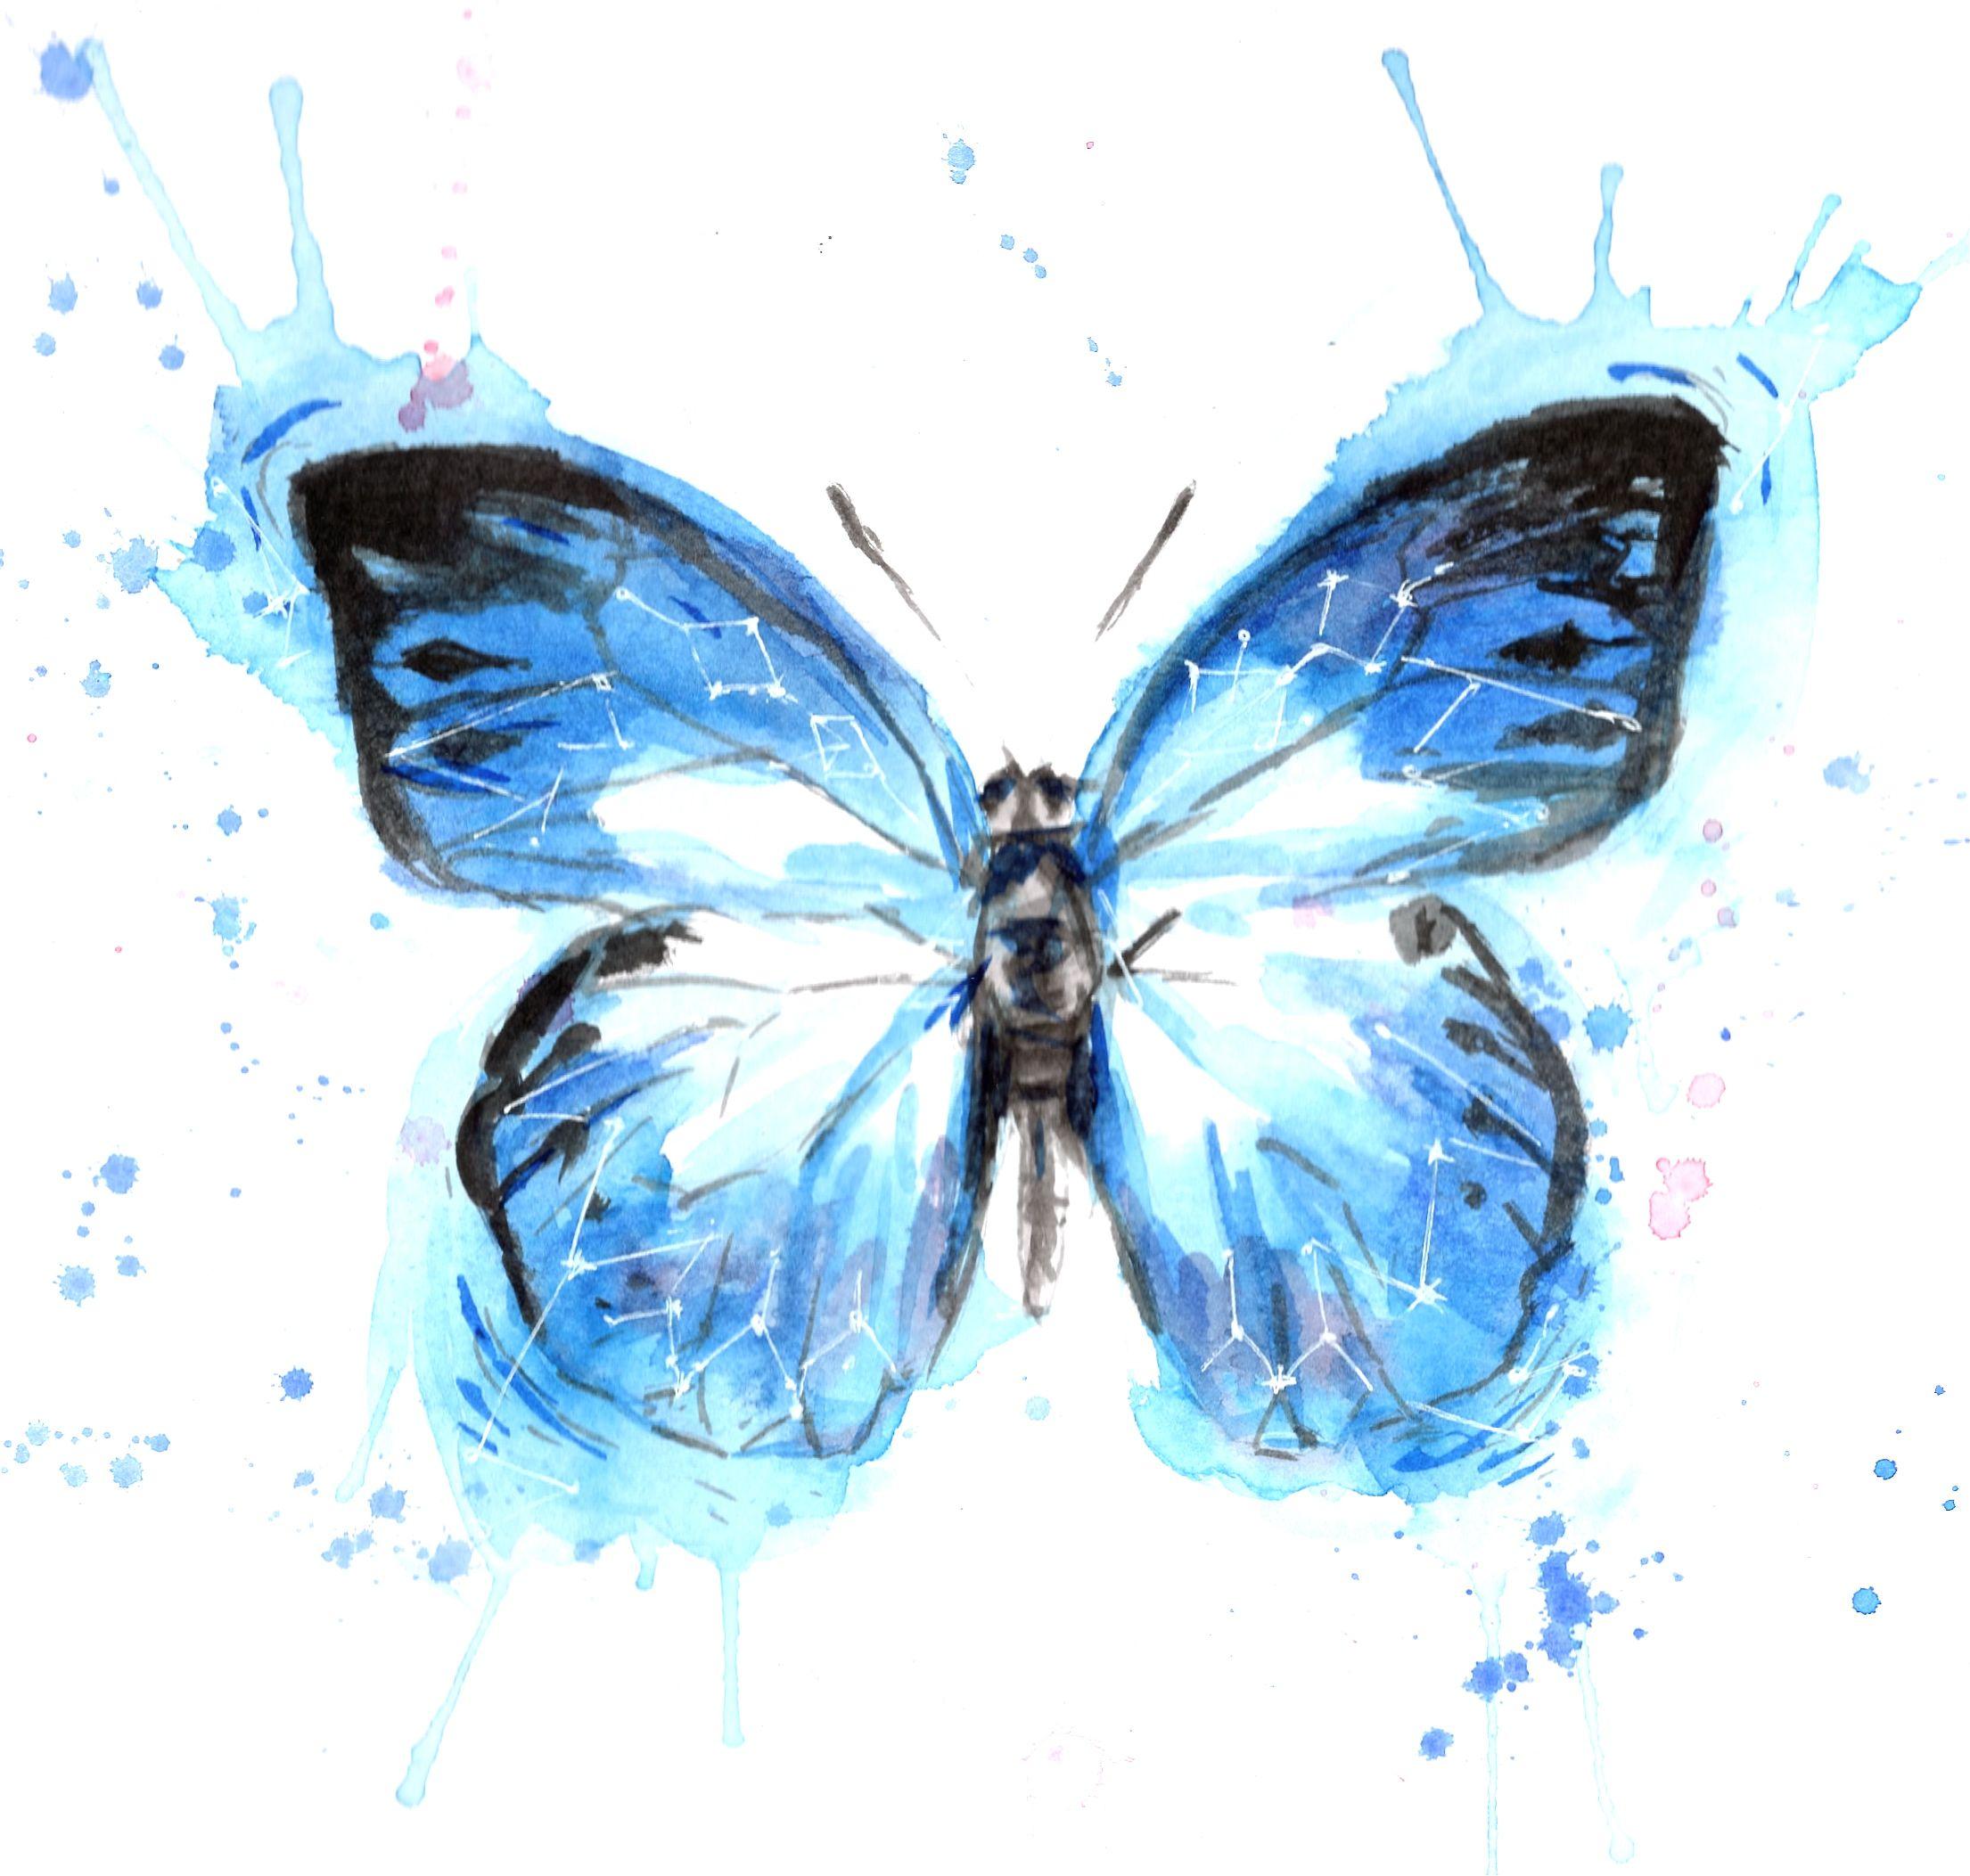 Butterfly Wall Art Blue Butterflies Watercolor Art Print Two